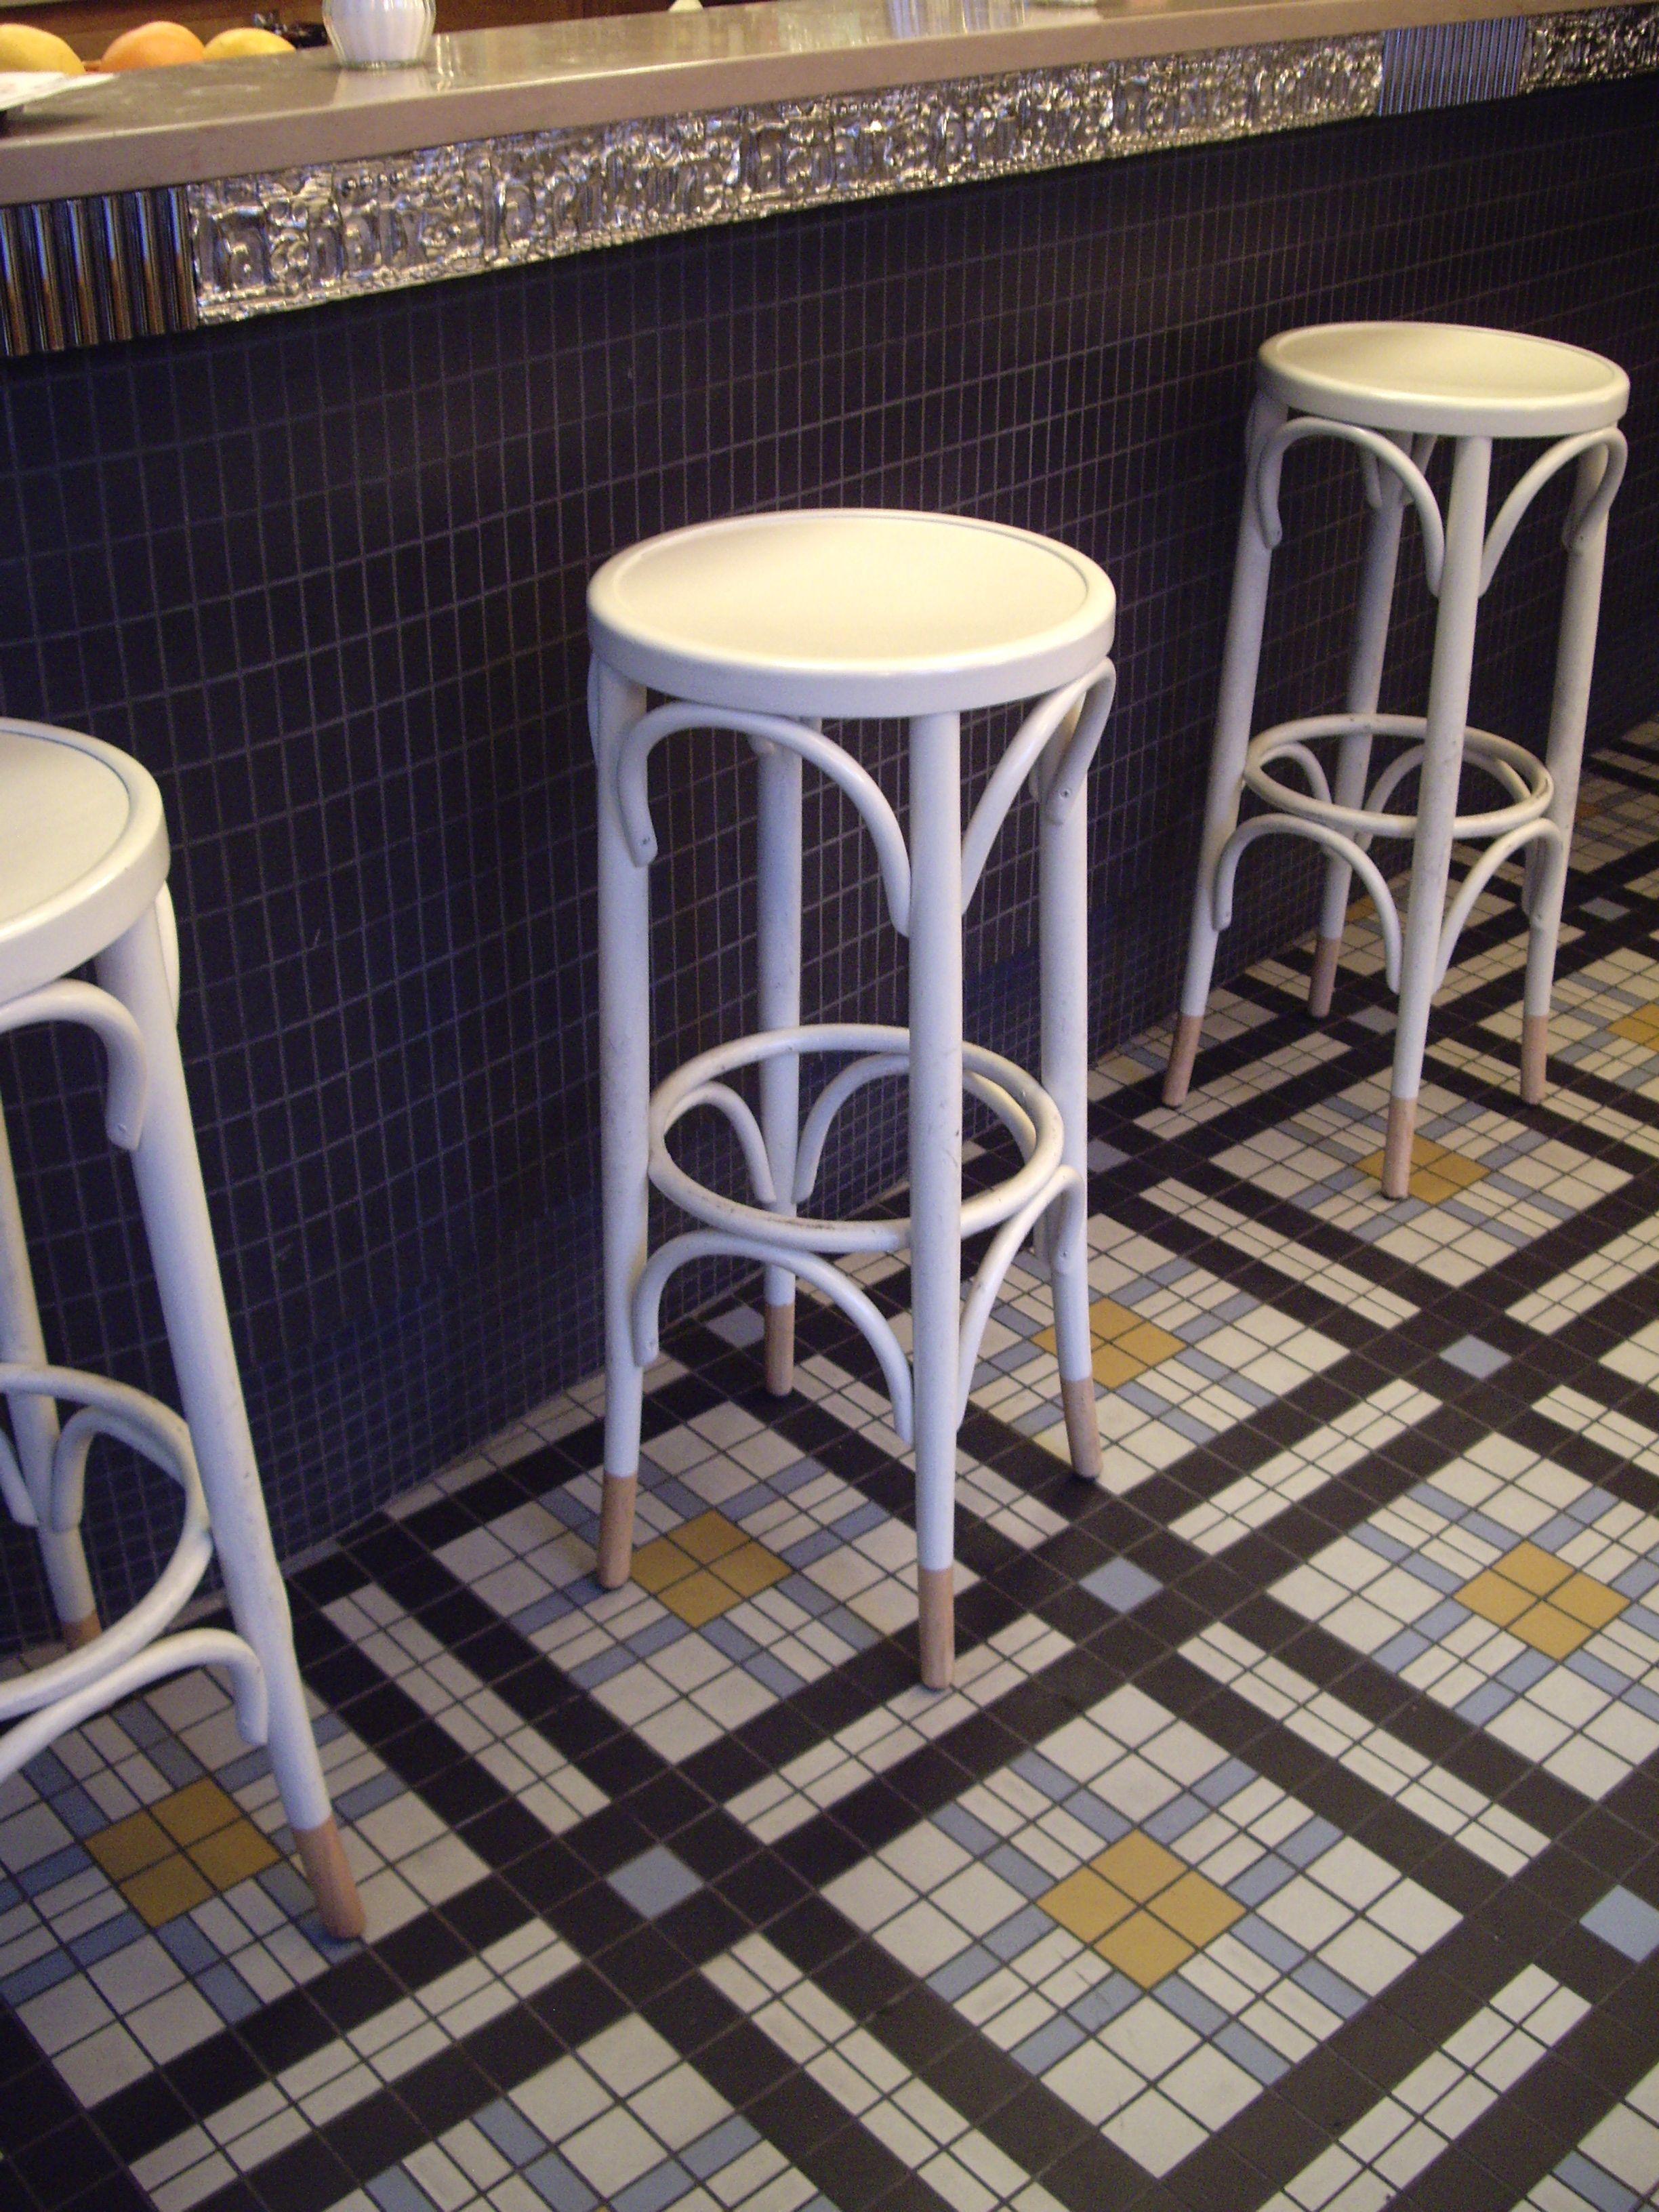 winckelmans tiles in cafe blanc paris france pour la petite